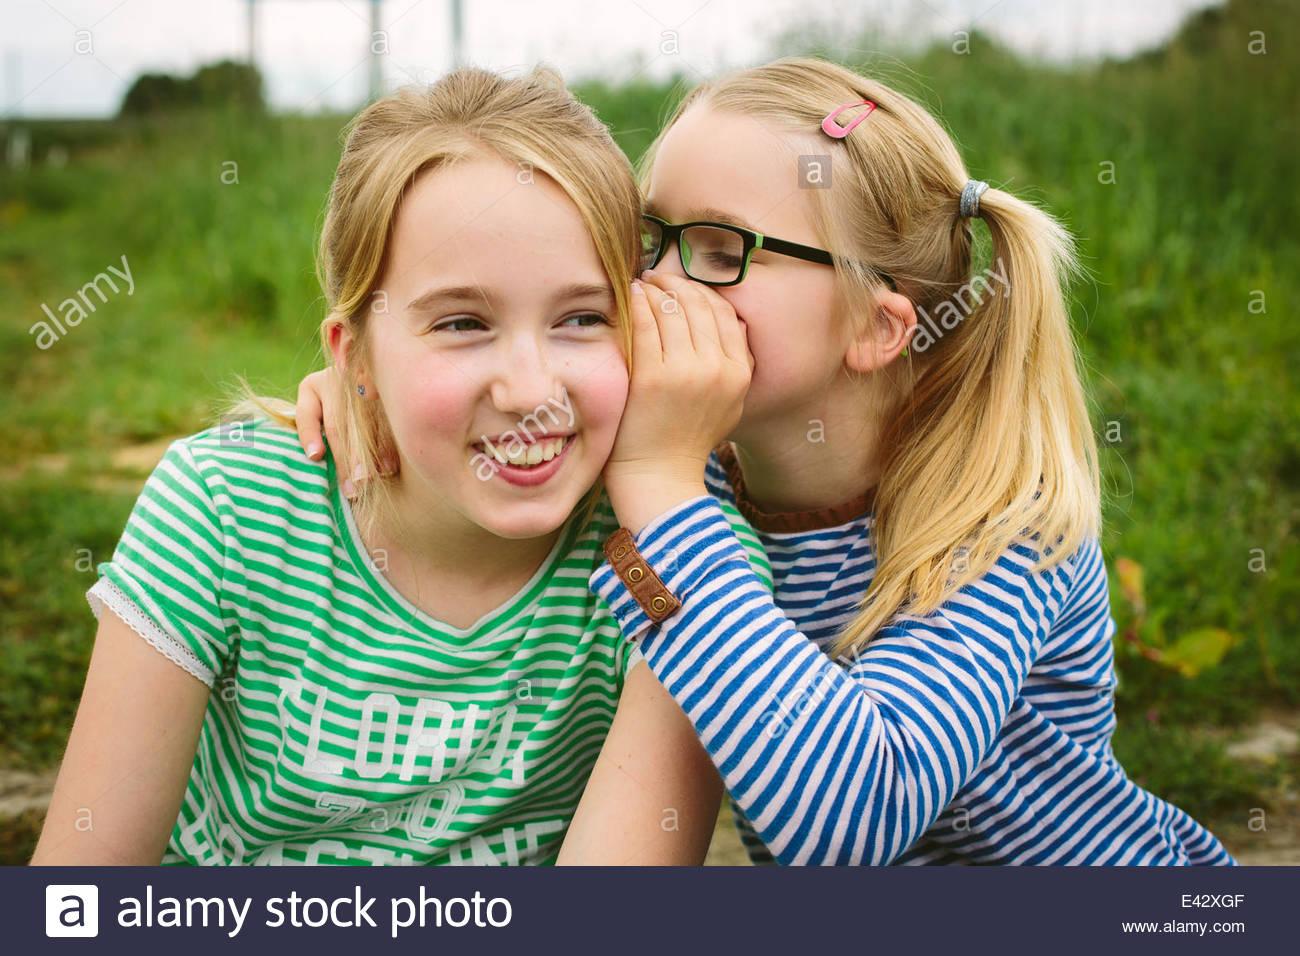 Nueve años de edad, niña susurrando a su hermana en el campo Imagen De Stock